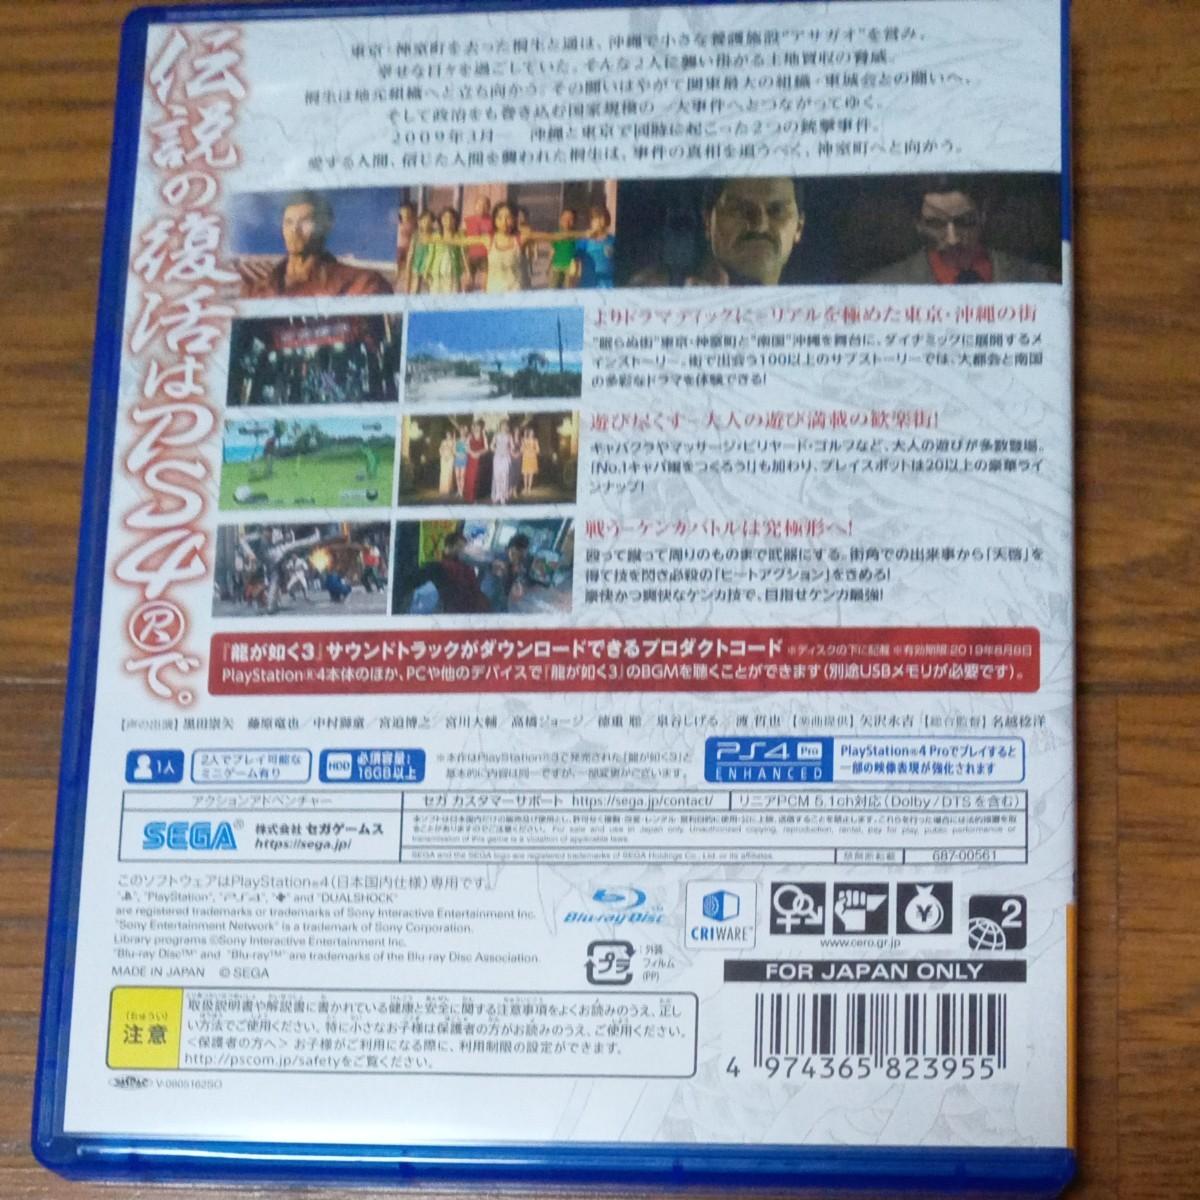 【PS4】 龍が如く 3+オリジナルサウンドトラック プロダクトコード付き